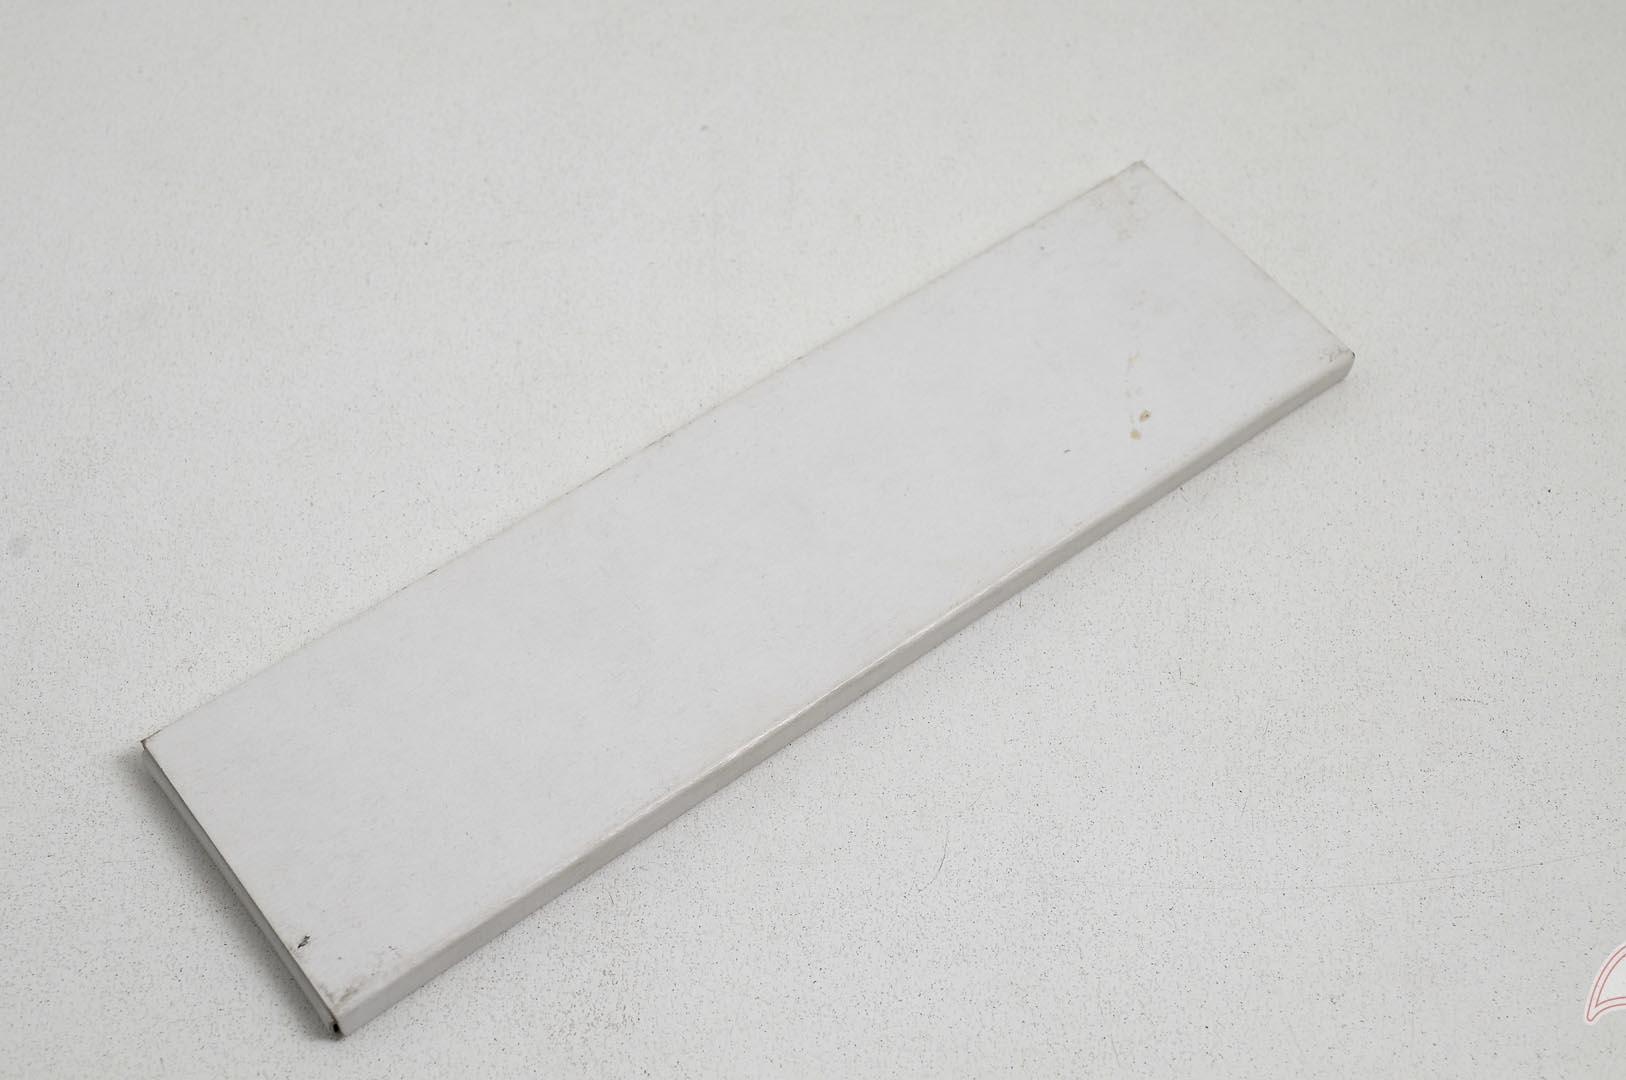 TsABS50-Cuchilla de cepillo #4, #5, 50mm acero laminado Aogami Blue Super TsABS50-max-4.